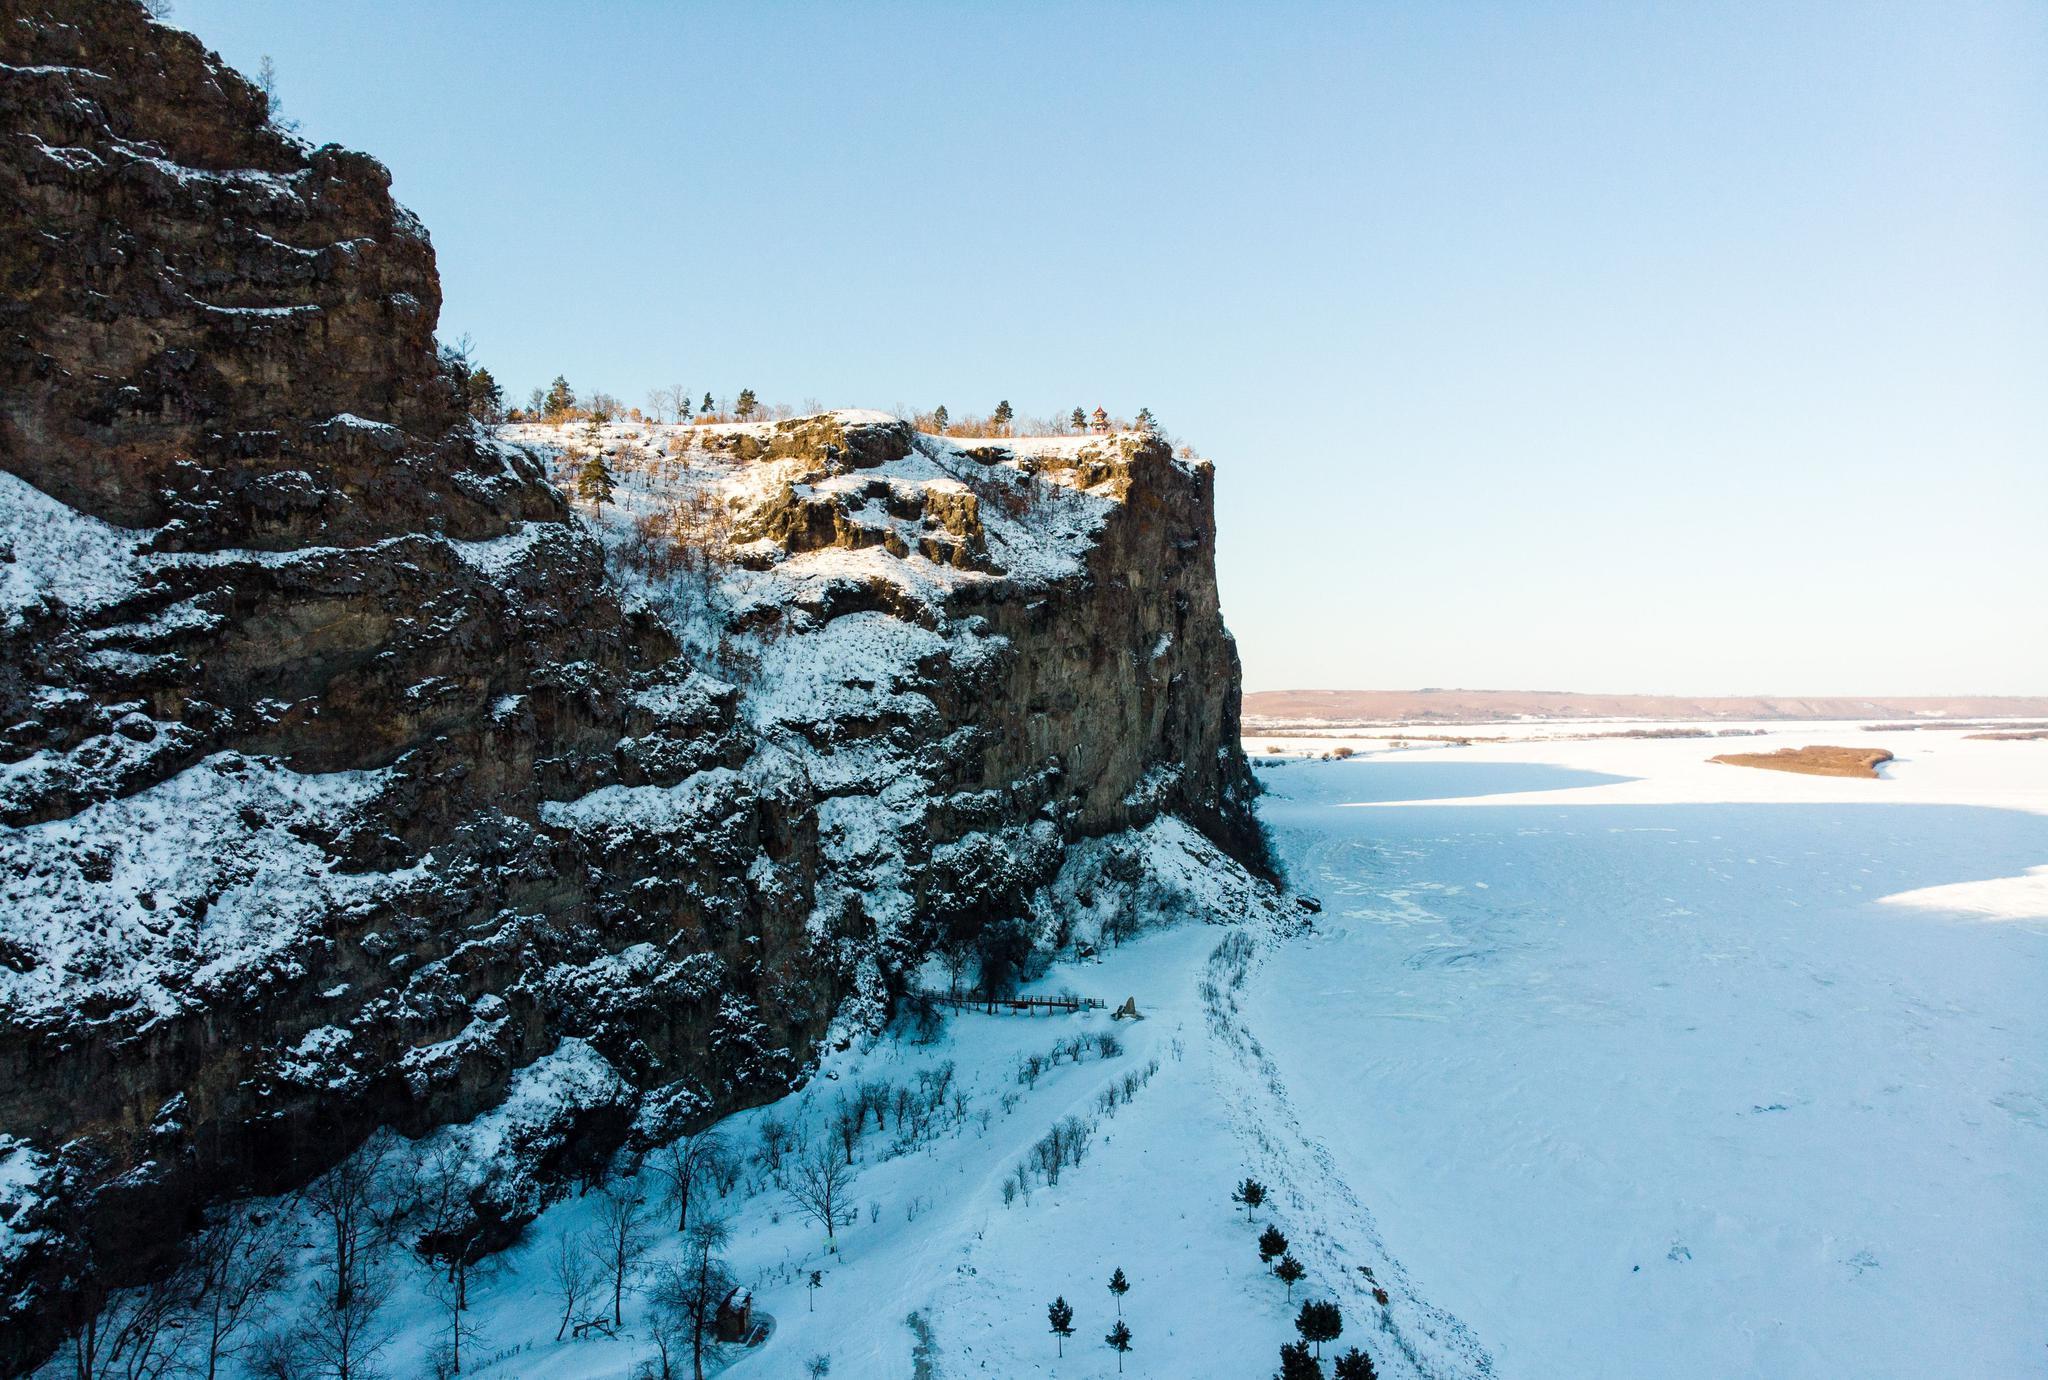 三月,白雪皑皑的大兴安岭,千里冰封的黑龙江